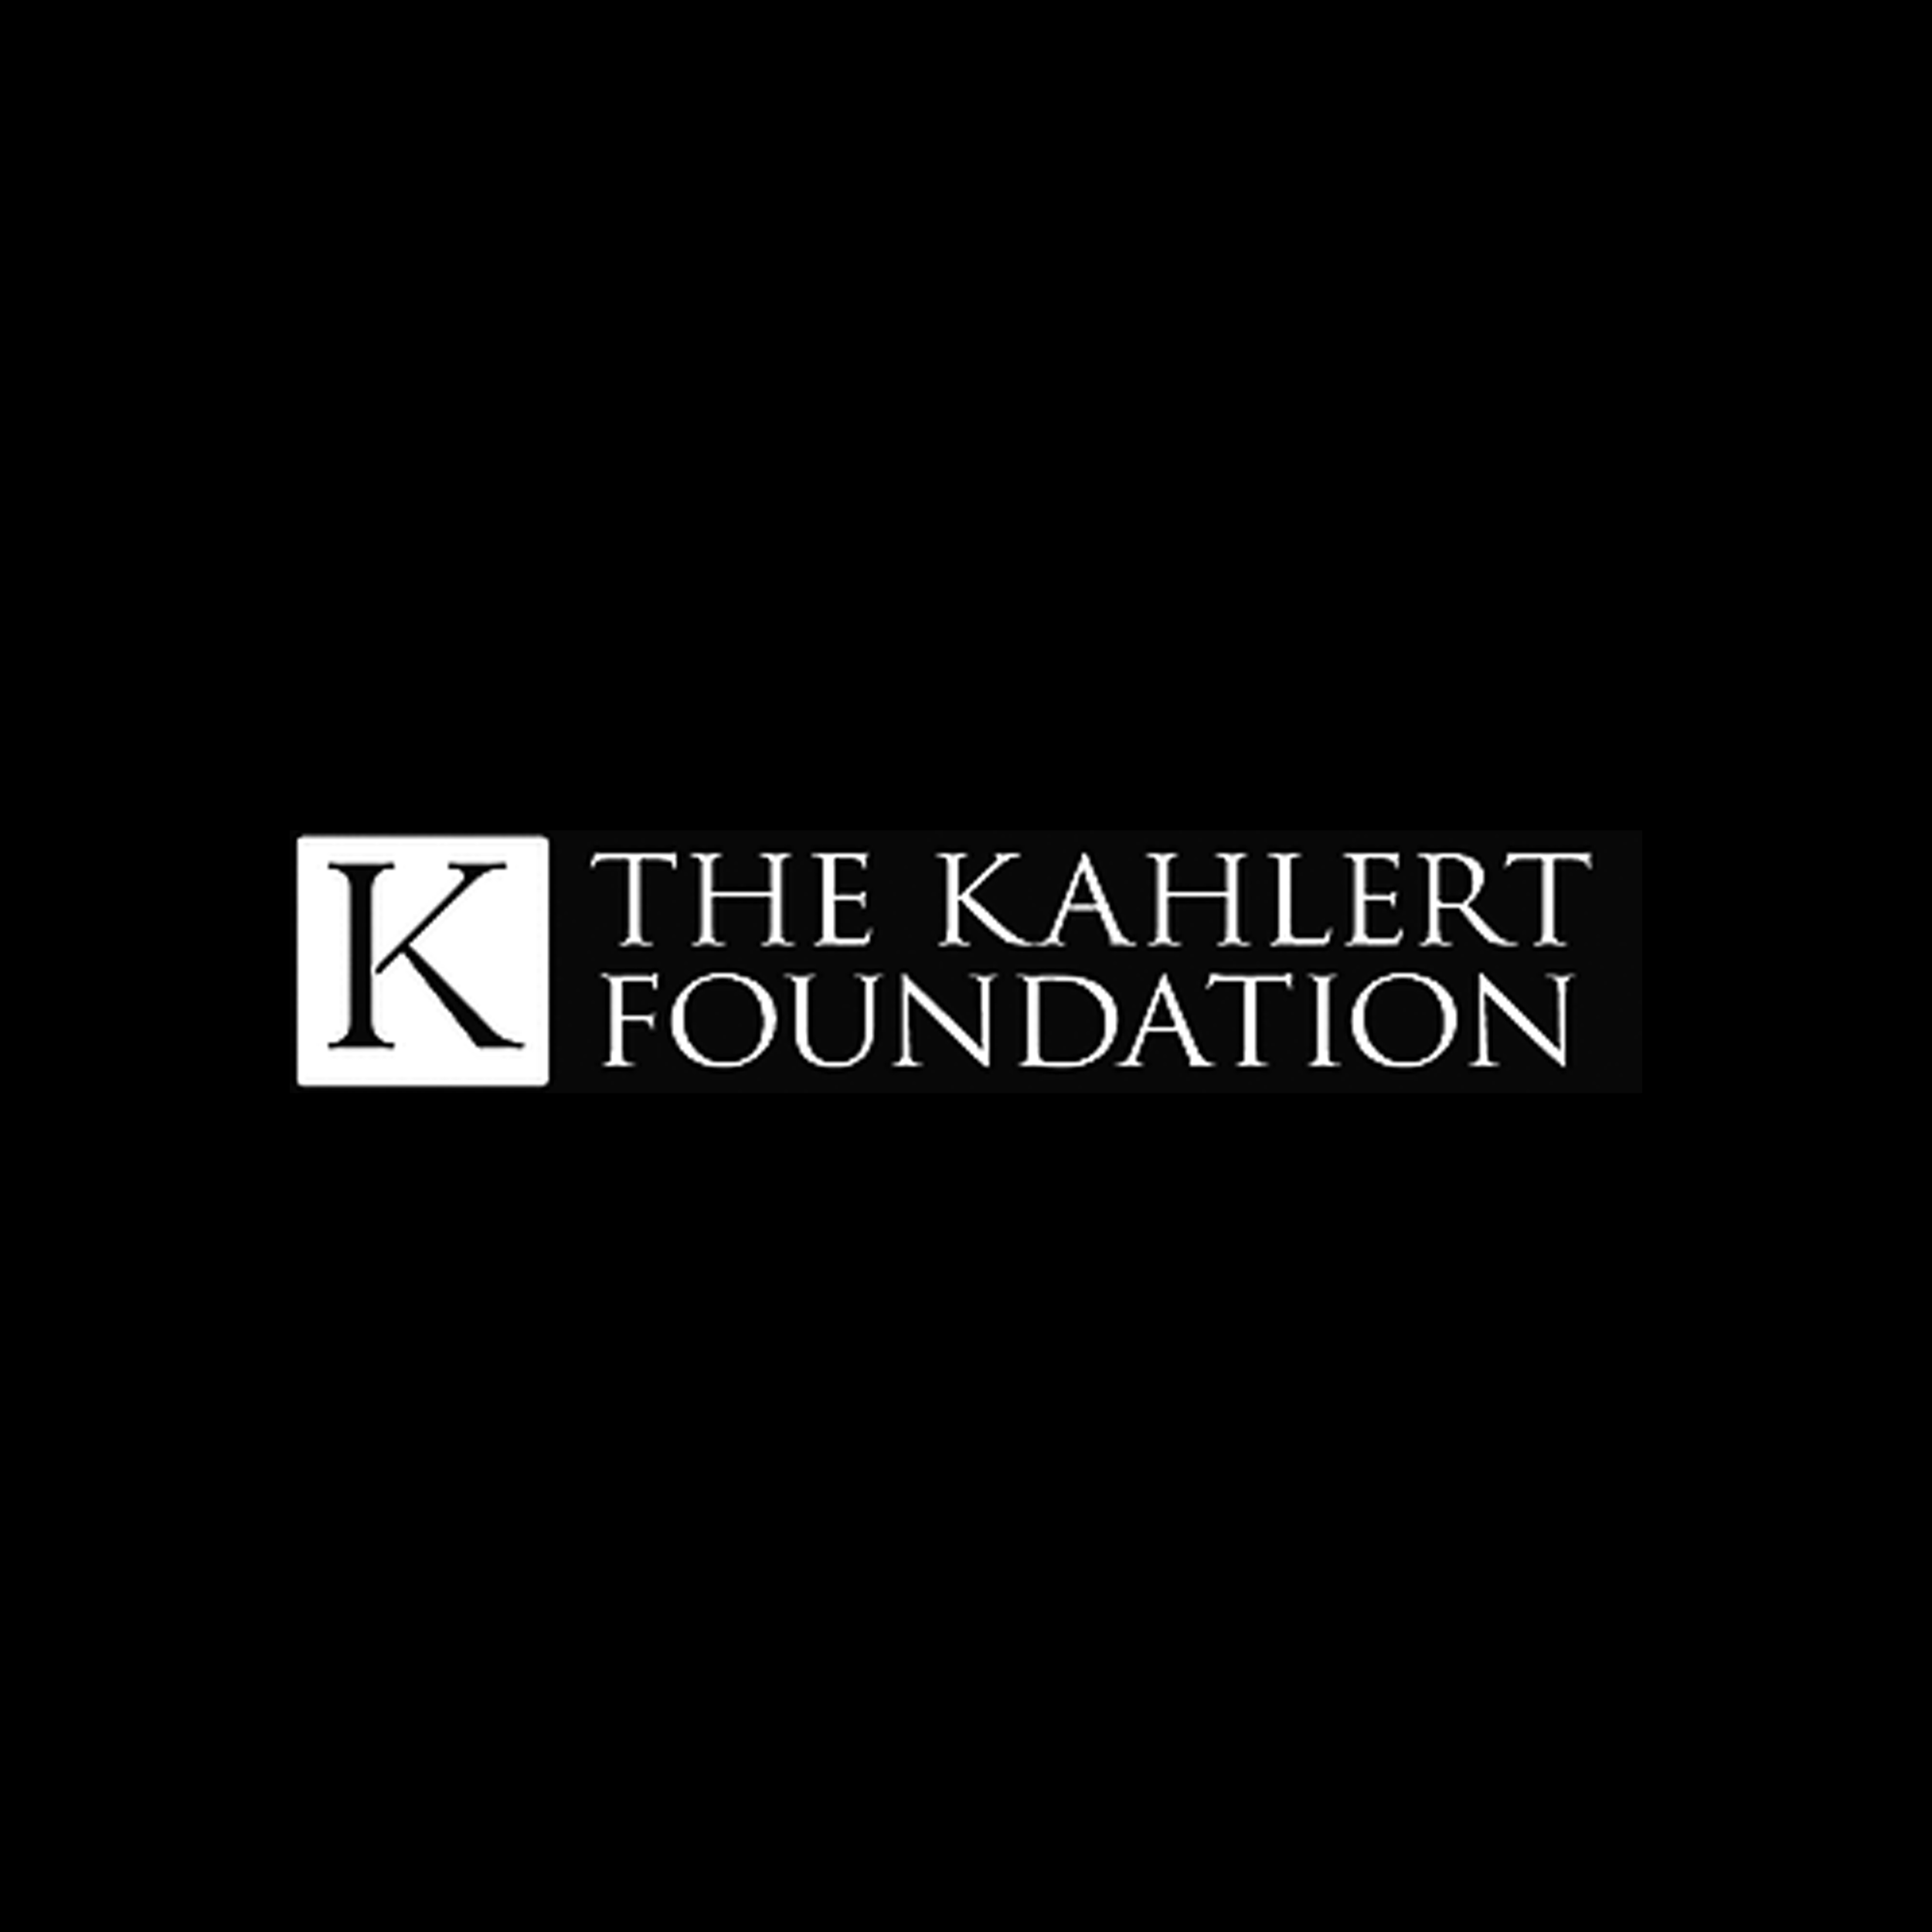 The Kahlert Foundation - thekahlertfoundation.org